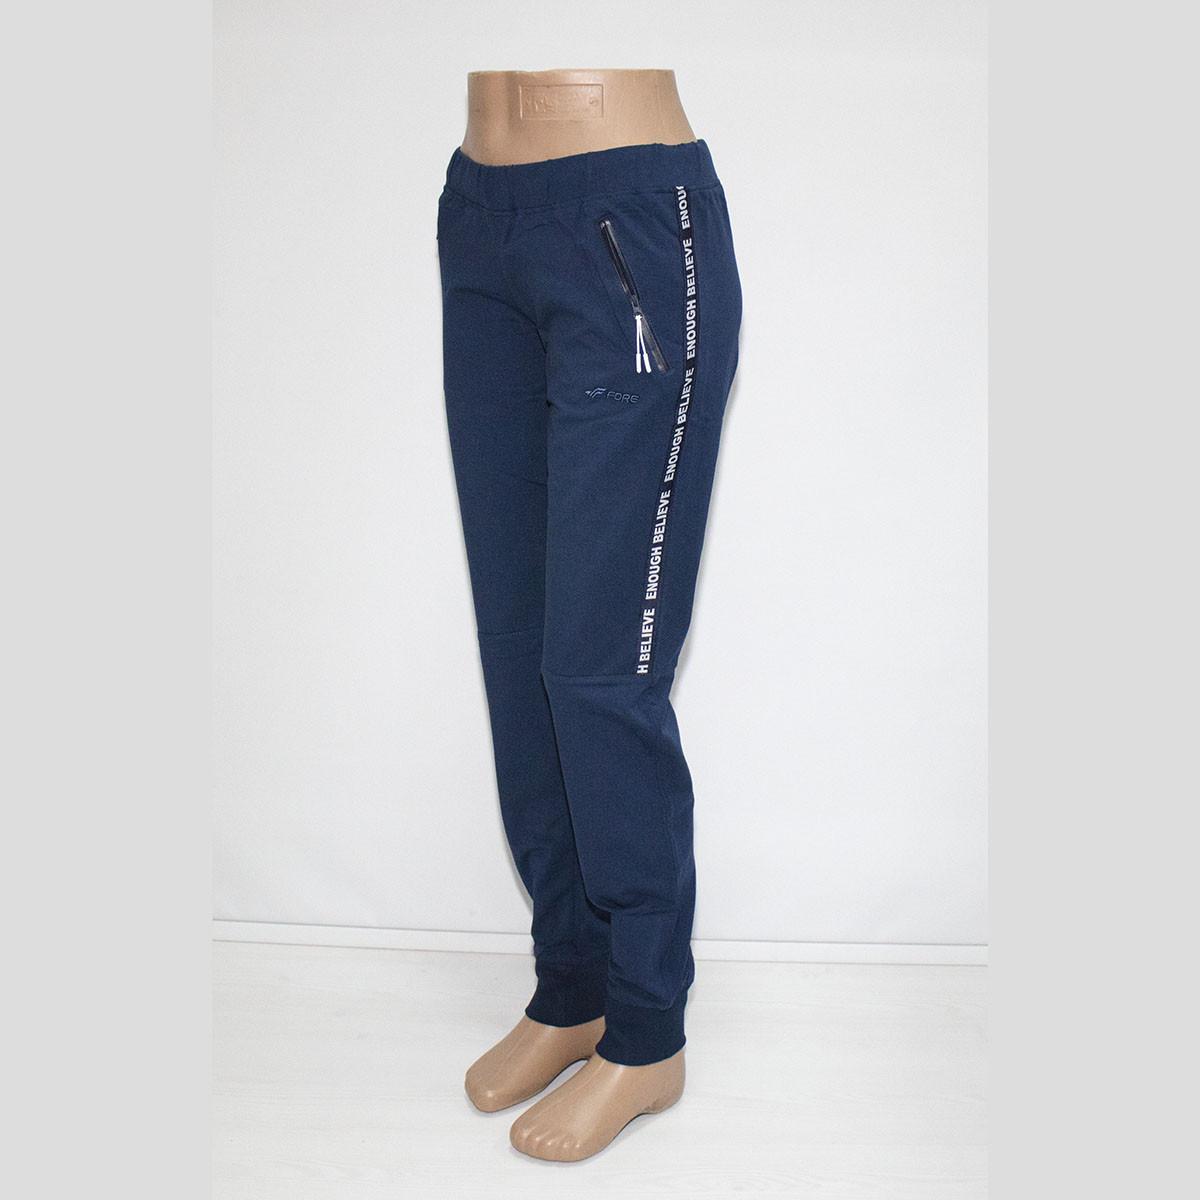 Демісезонні жіночі трикотажні спортивні штани під манжет т. м. FORE 9534N